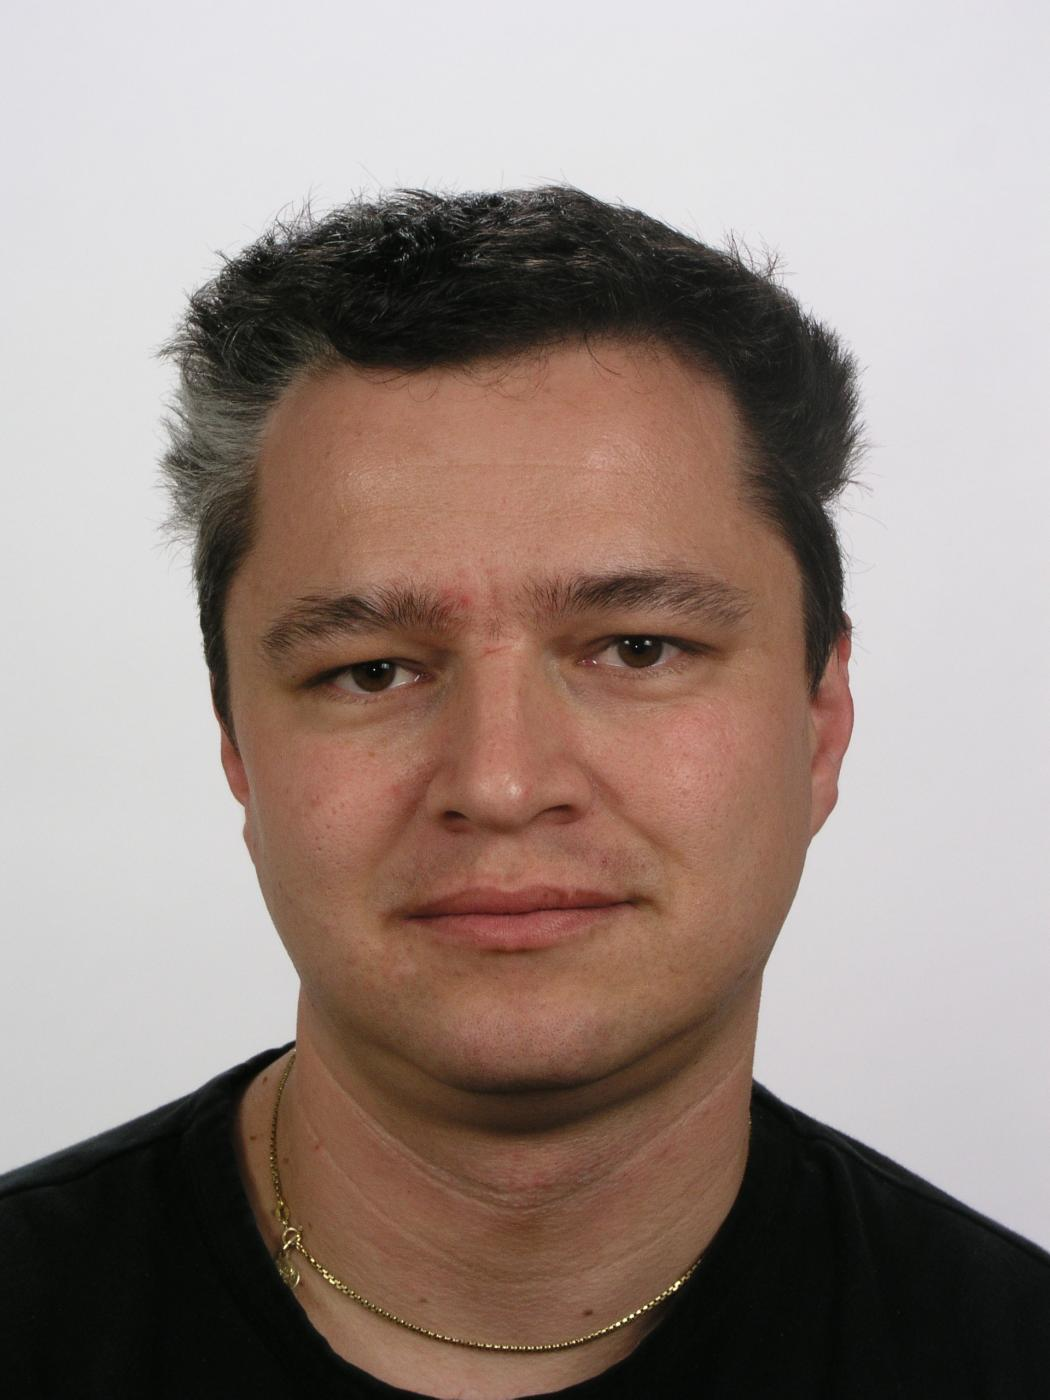 Robert_Primozic